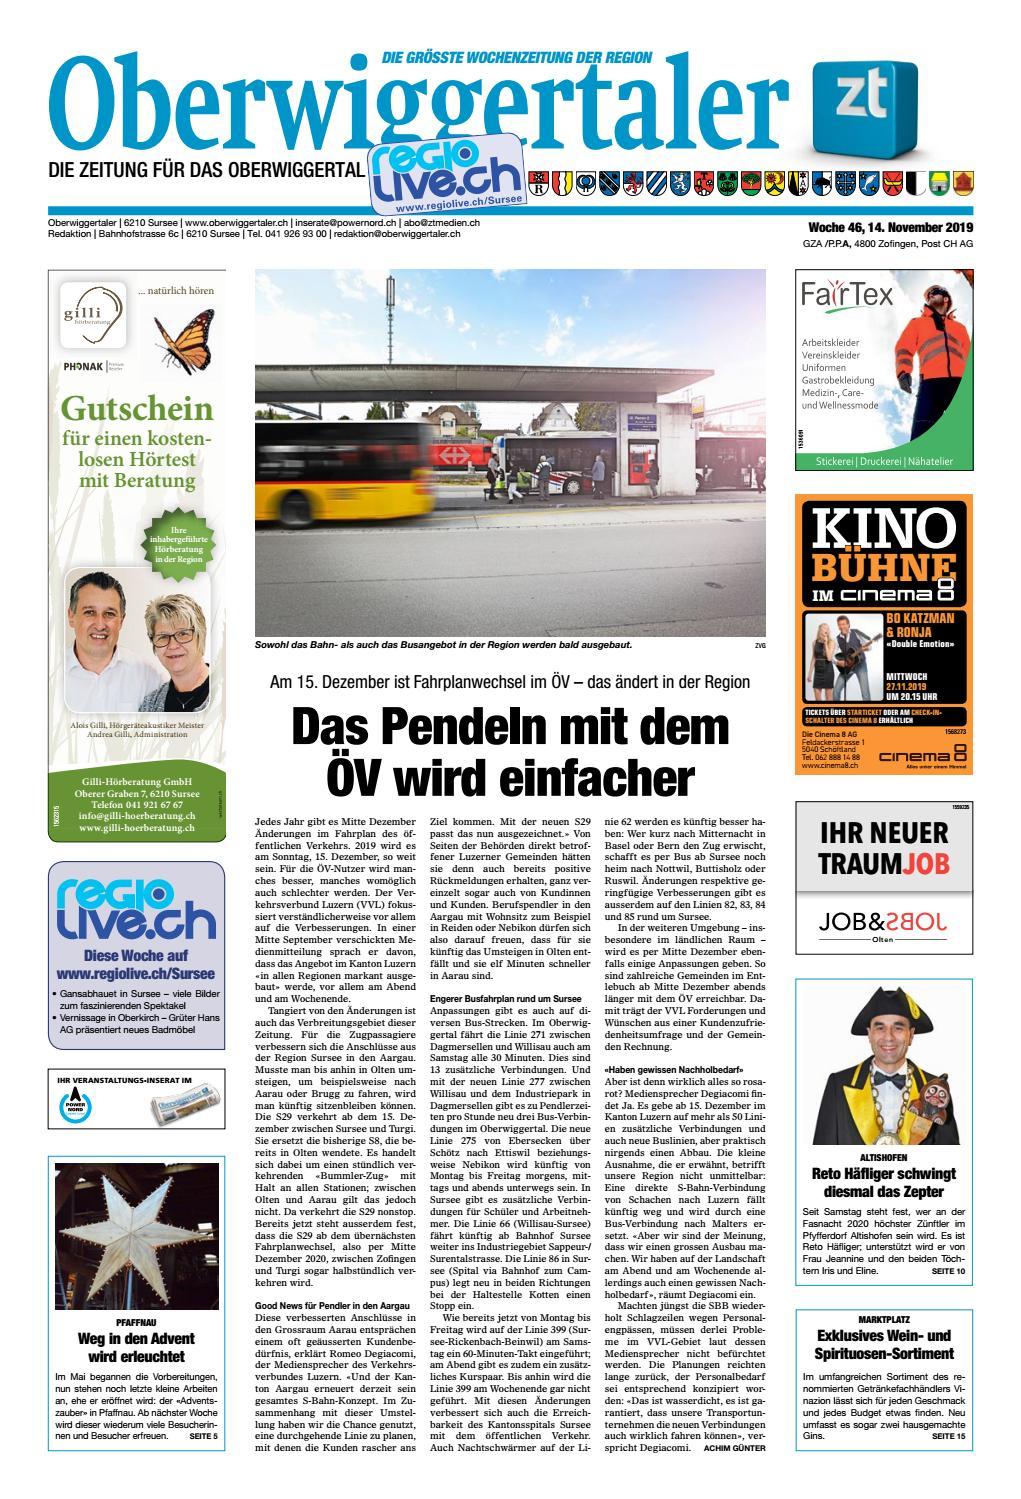 Sie sucht Ihn in Oberkirch - kostenlose Kontaktanzeigen